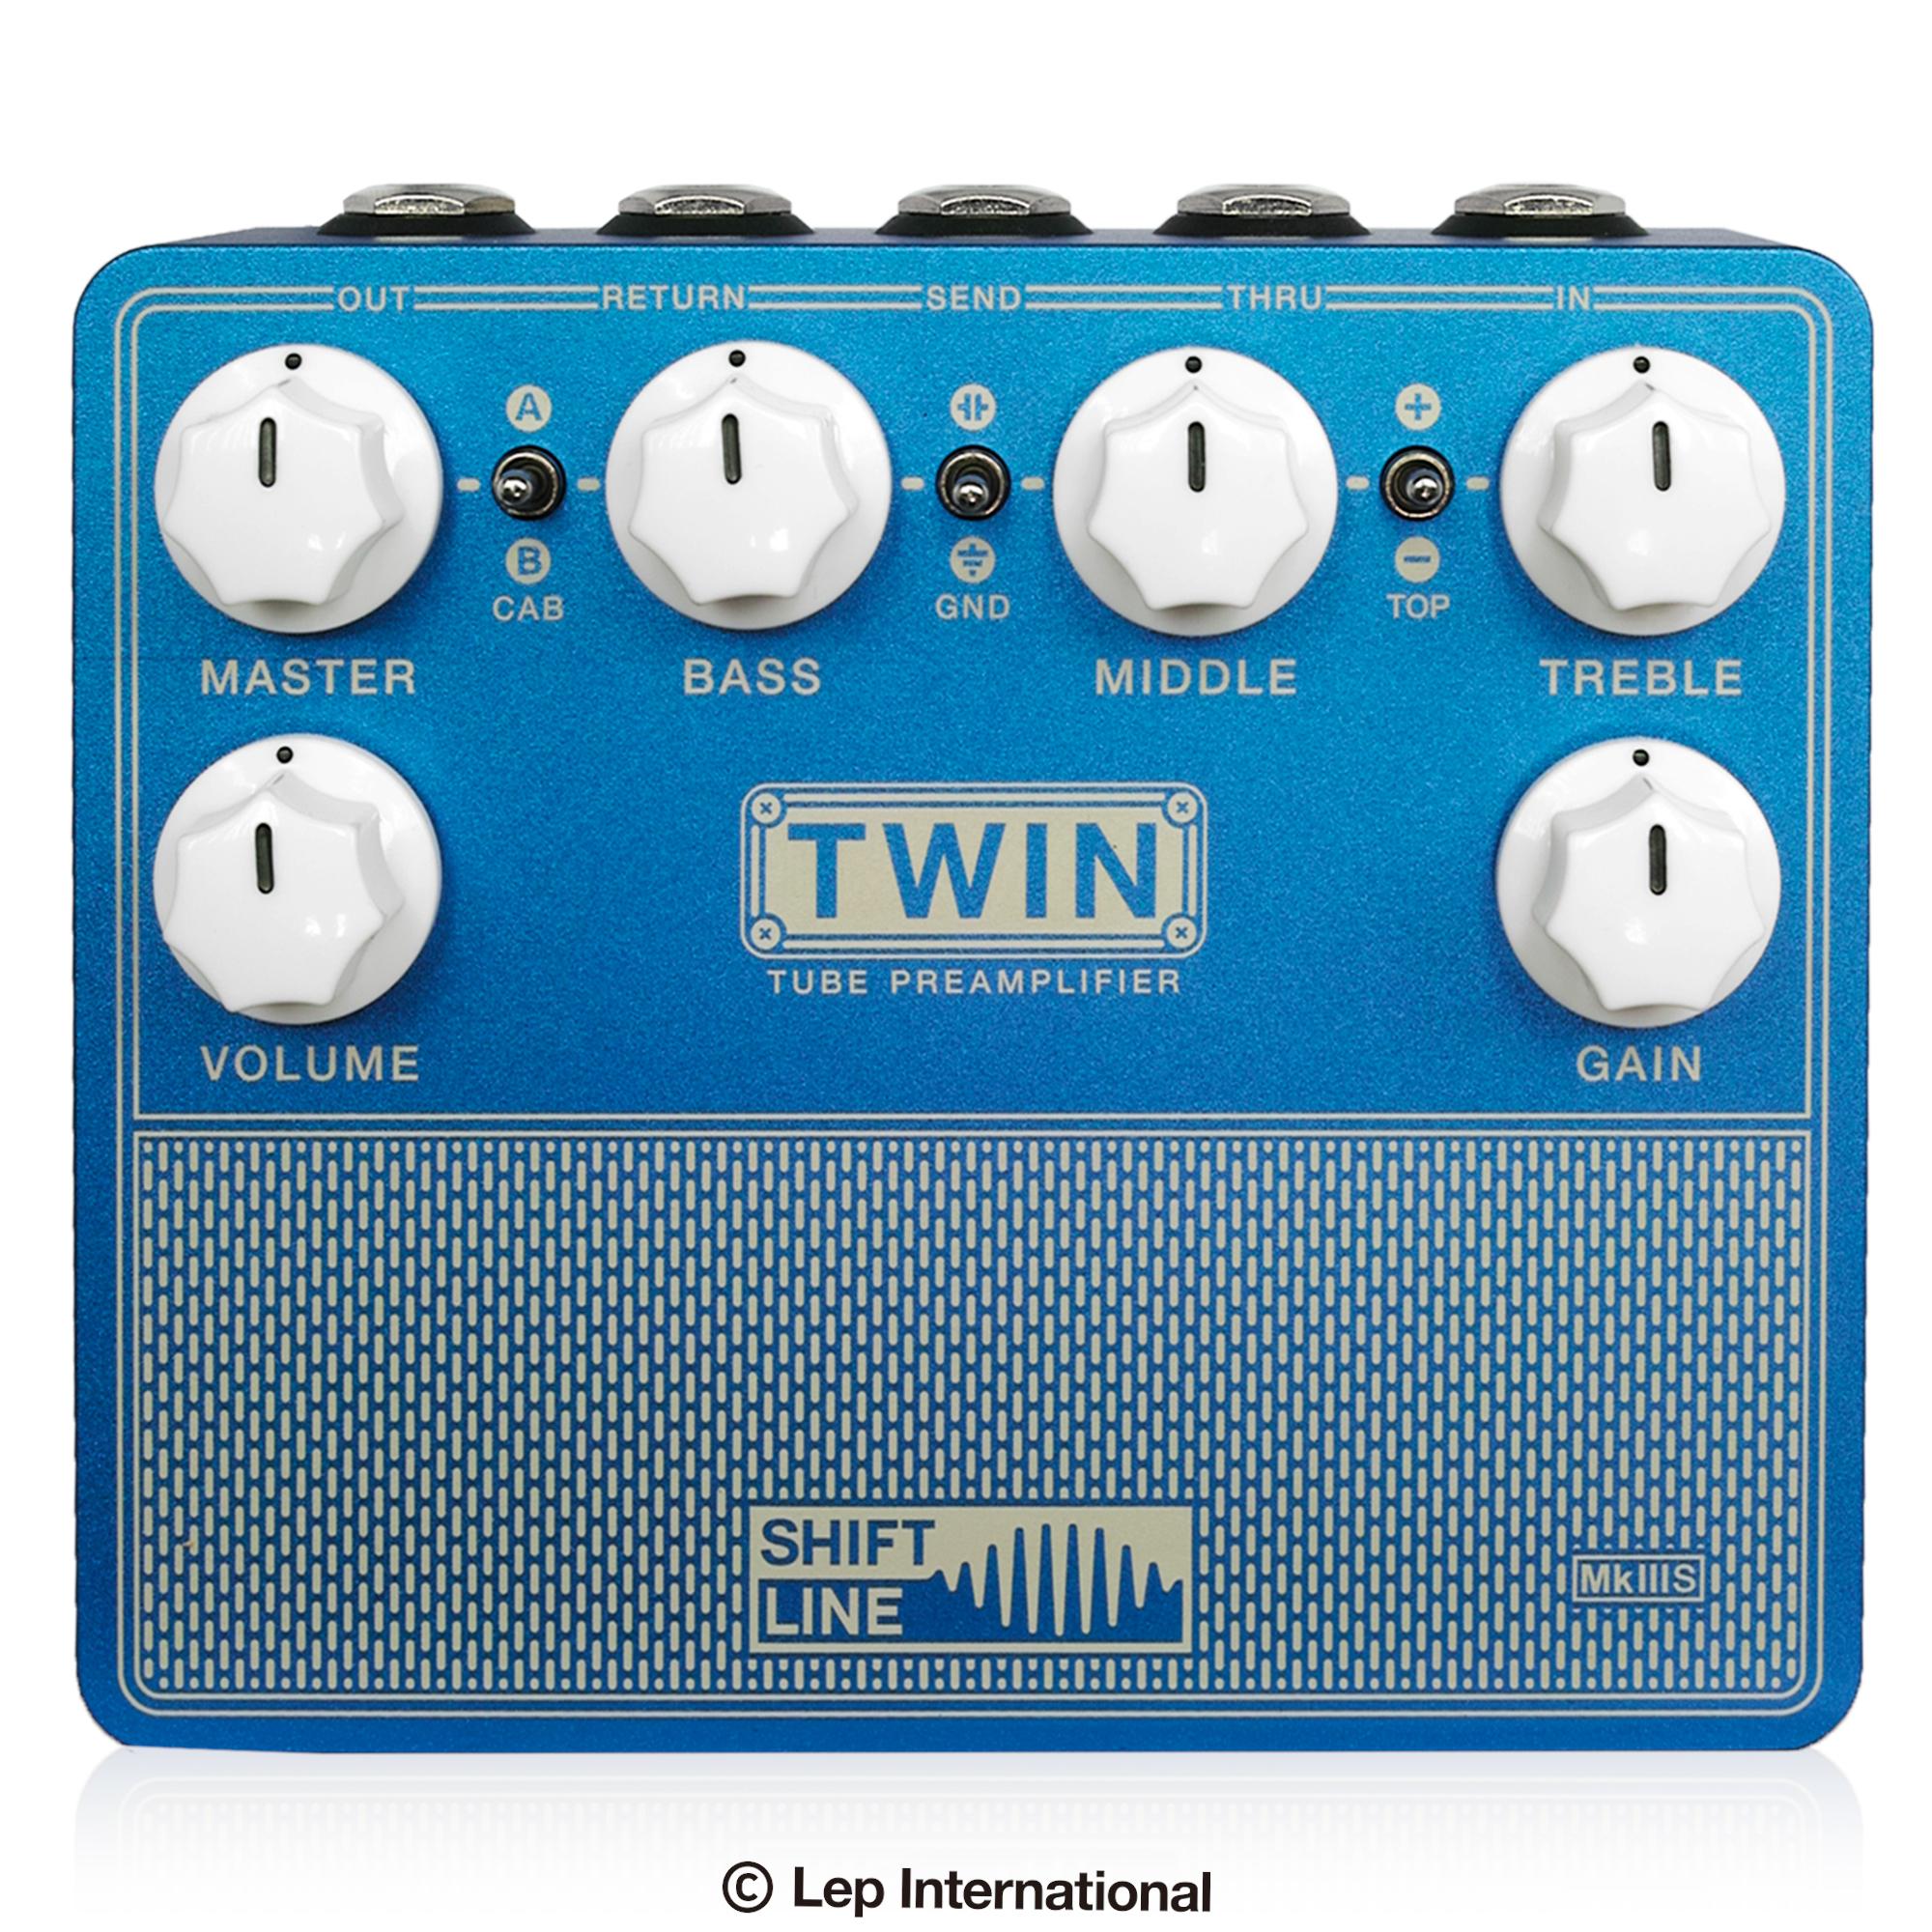 TWIN-MKIIIS-01.jpg